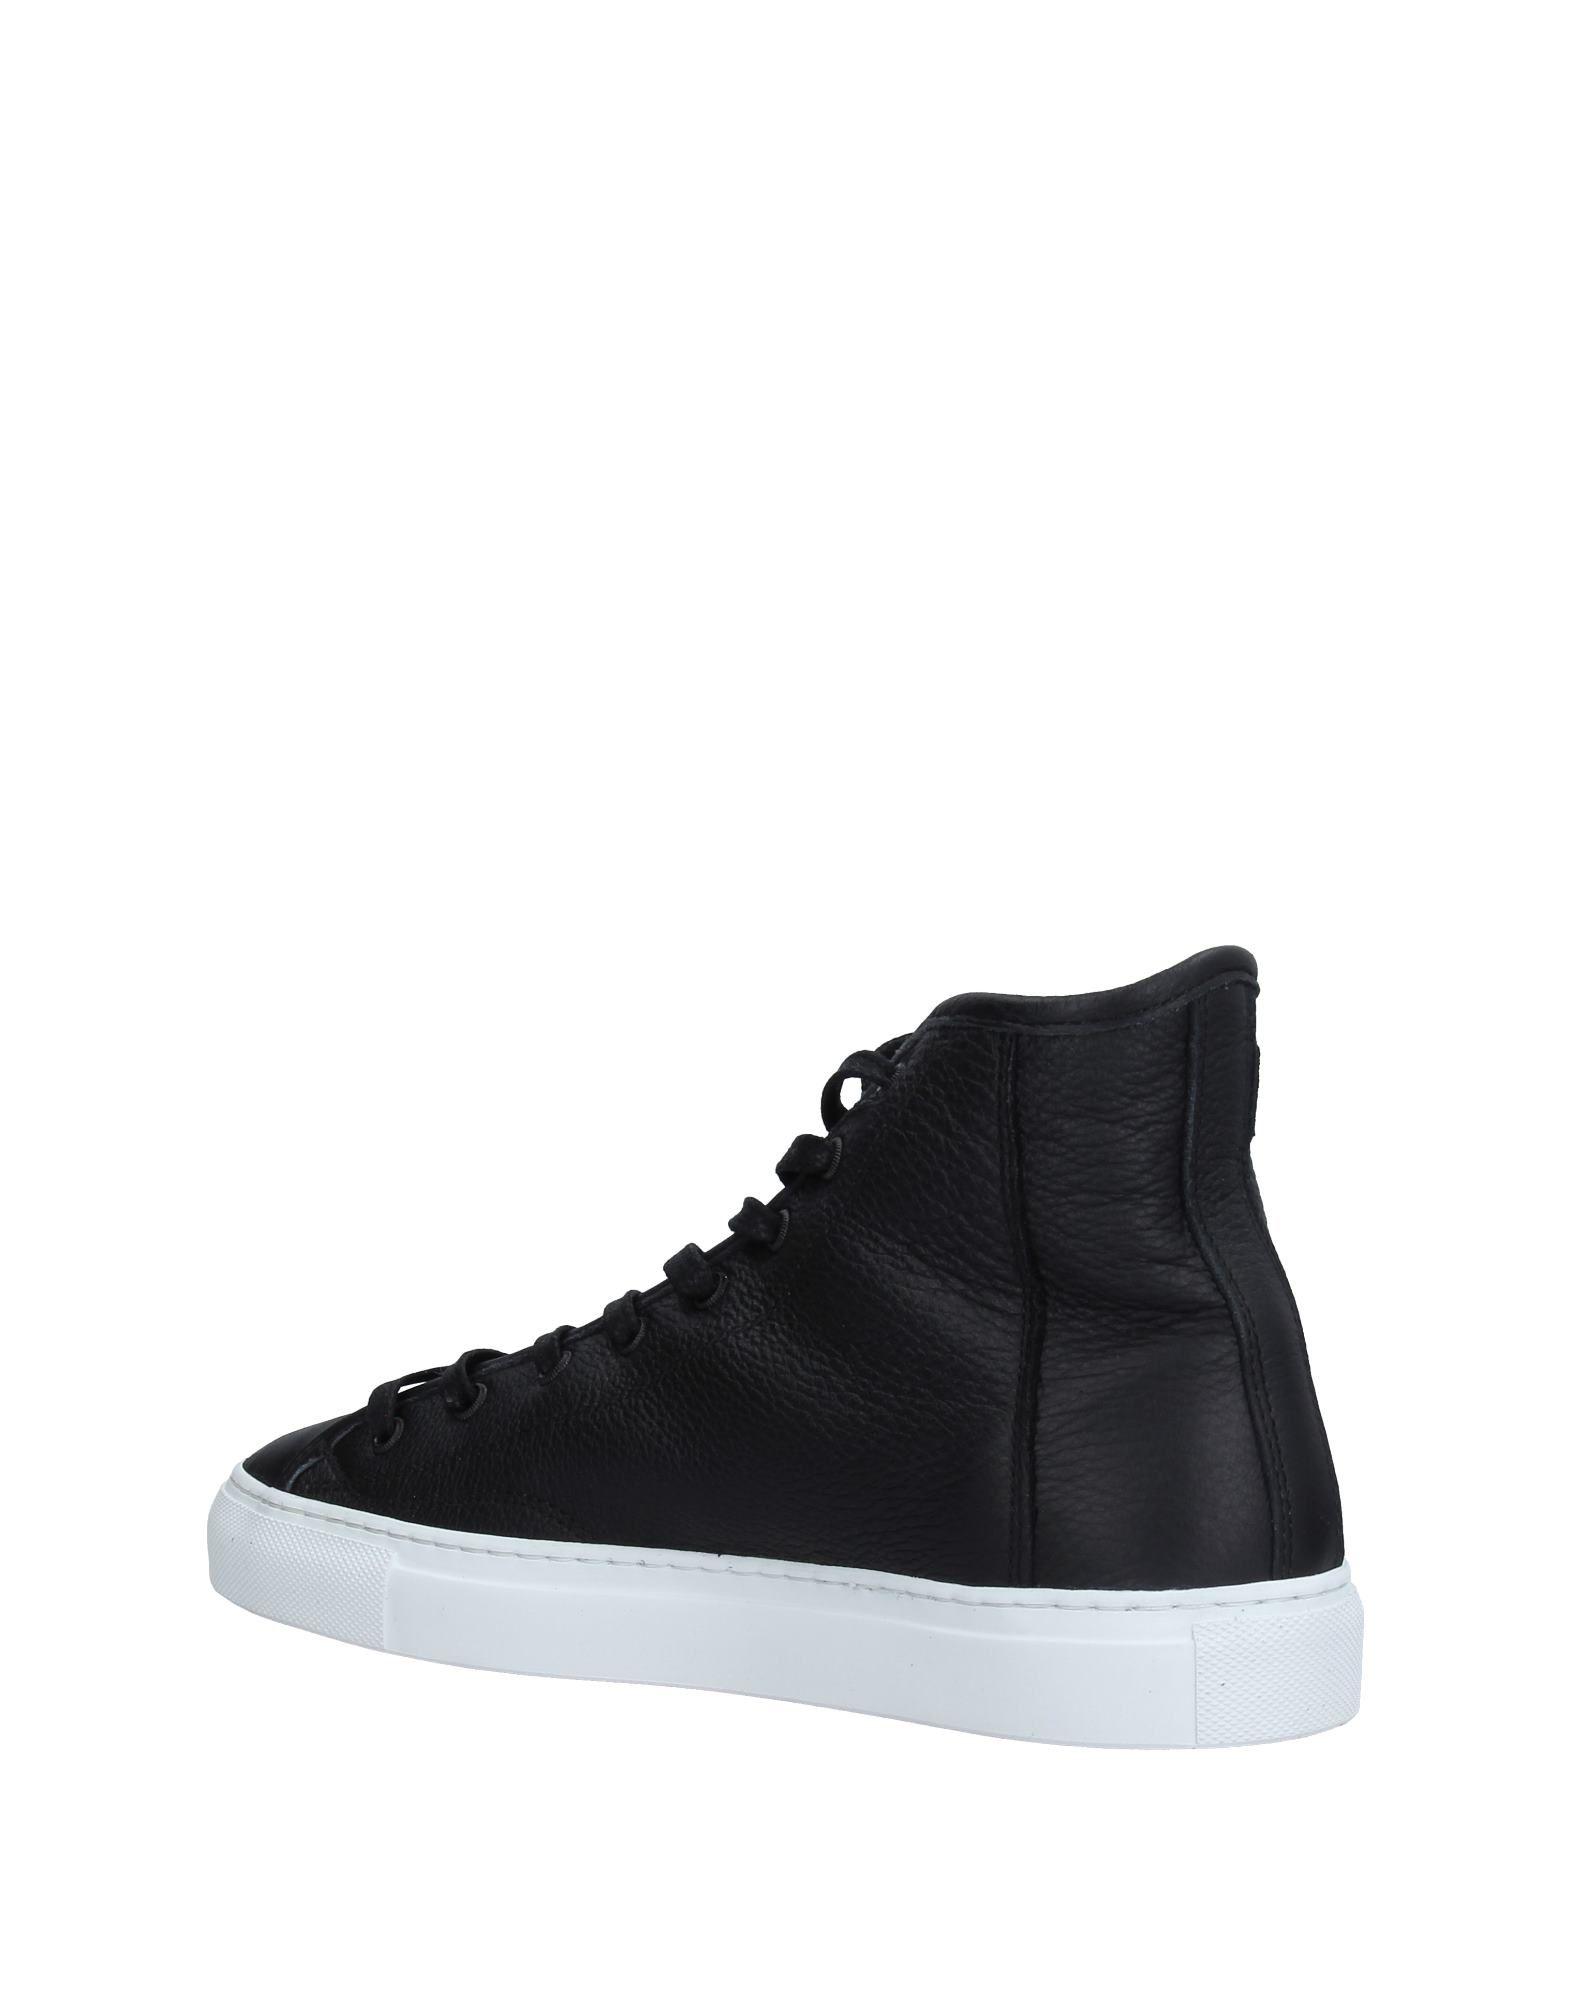 Diemme Sneakers Herren  11223834FS Gute Qualität beliebte Schuhe